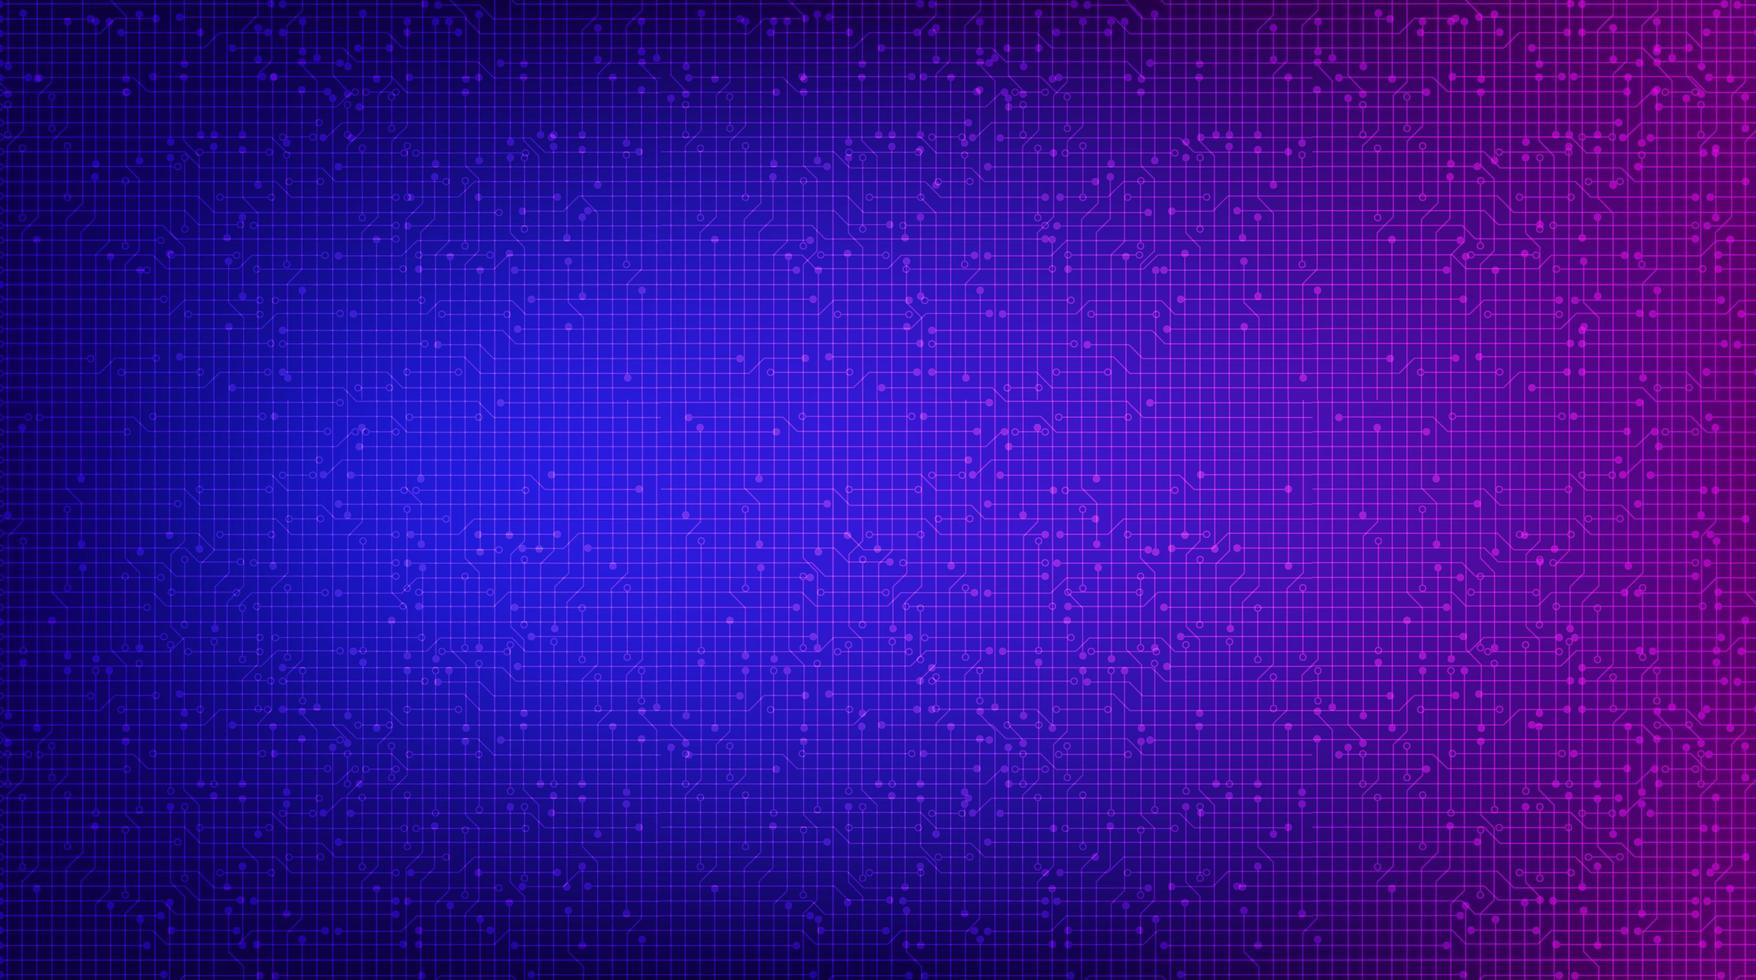 mörkt violett kretsmikrochip på teknikbakgrund, högteknologisk digital och säkerhetskonceptdesign vektor